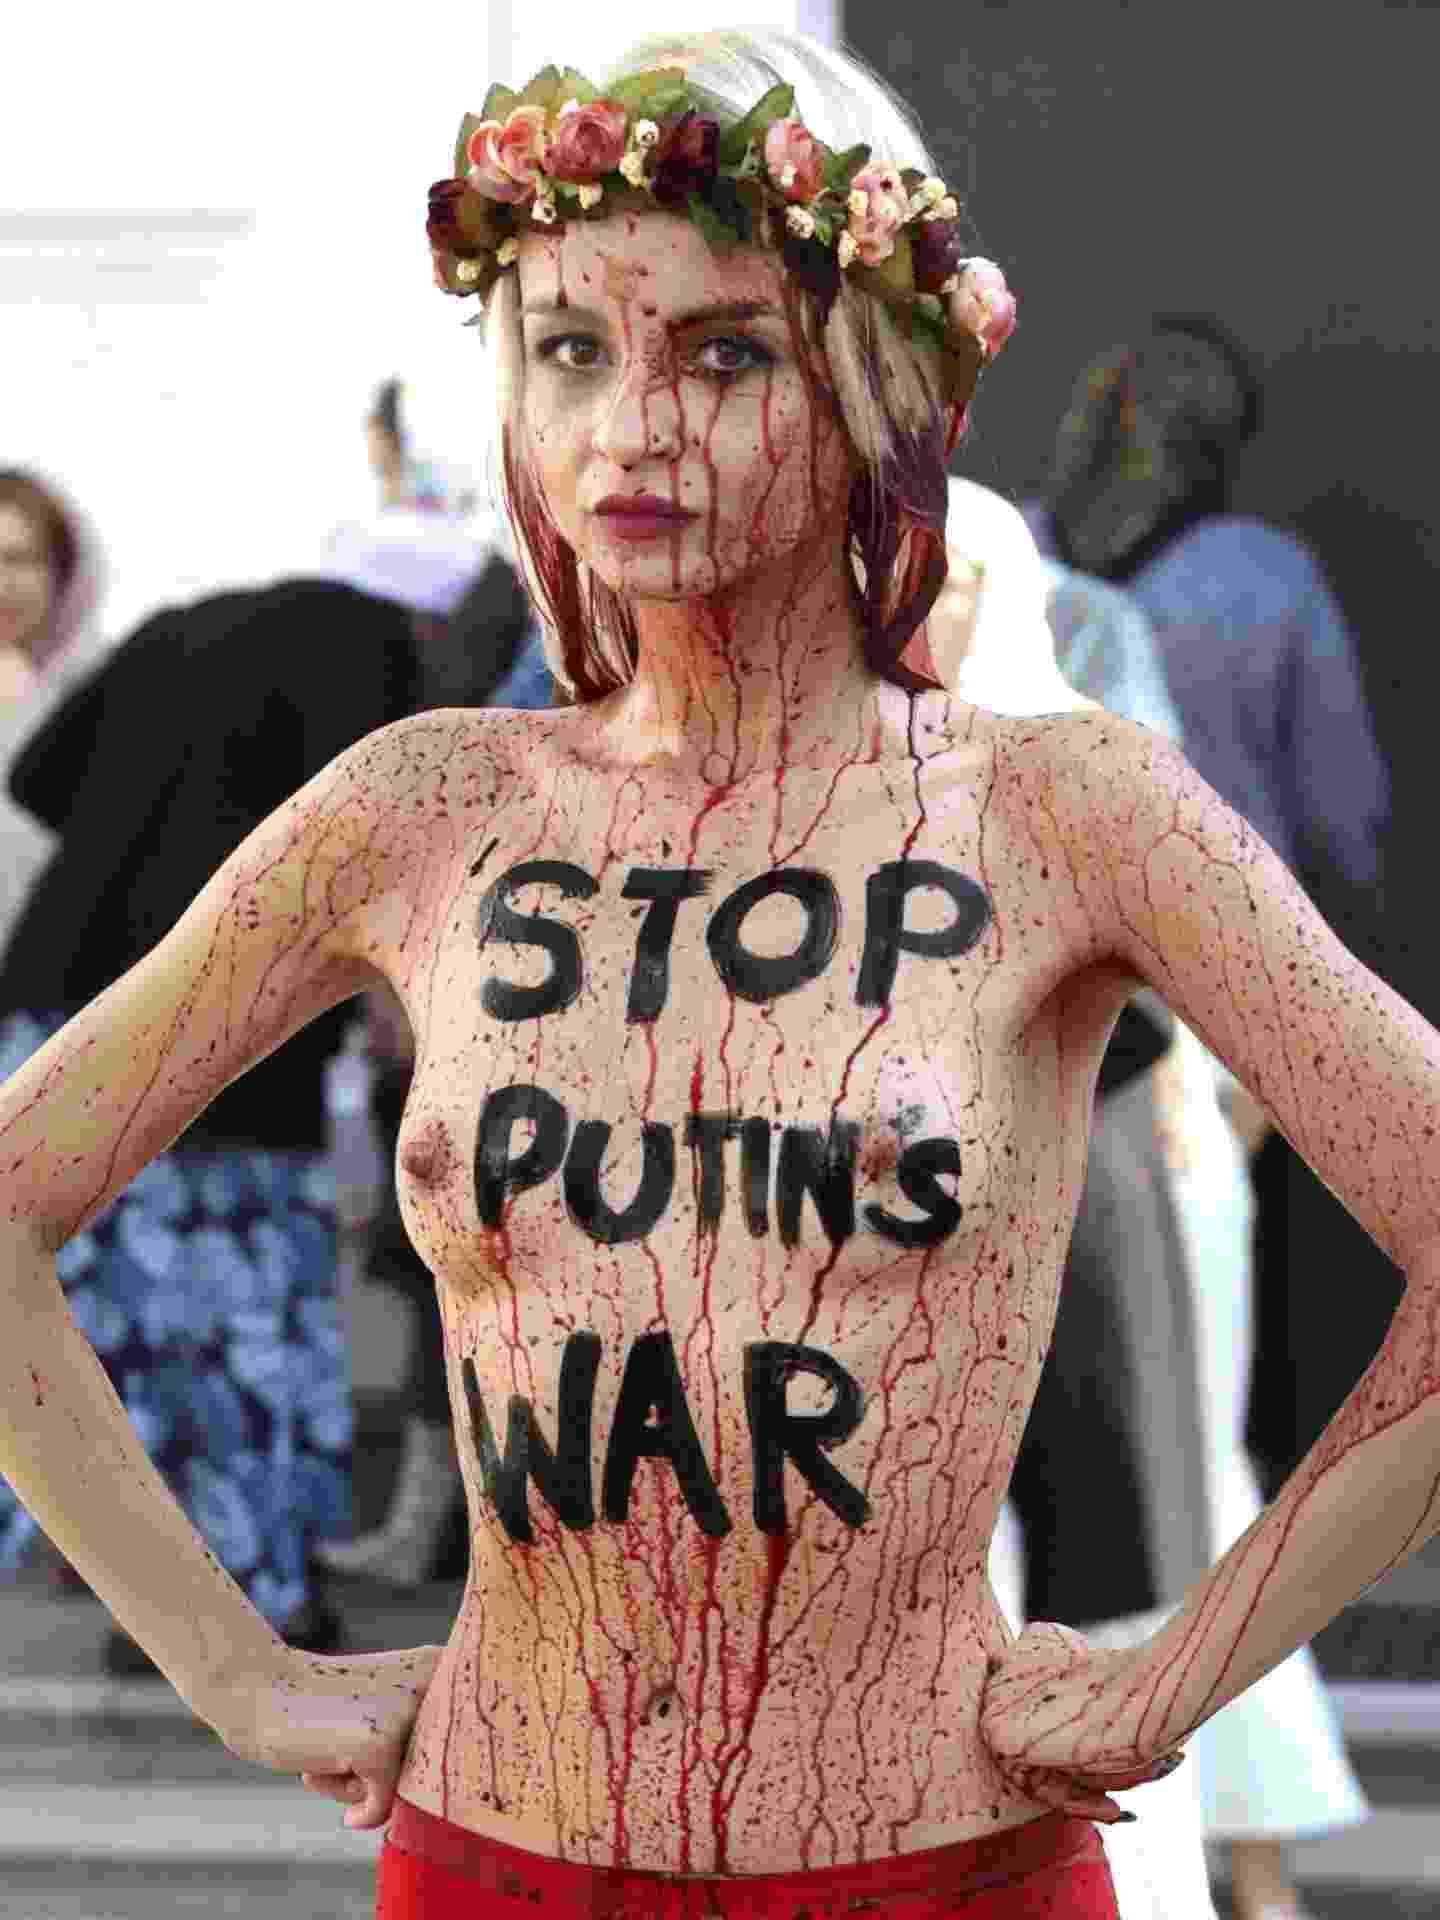 11.set.2014 - Uma ativista seminua do grupo Femen usa sangue falso durante protesto em Kiev, na Ucrânia, contra a intervenção da Rússia no país. Em seu corpo está escrito ?Pare a guerra de Putin?, fazendo menção ao presidente russo, Vladimir Putin - Tatyana Zenkovic/Efe